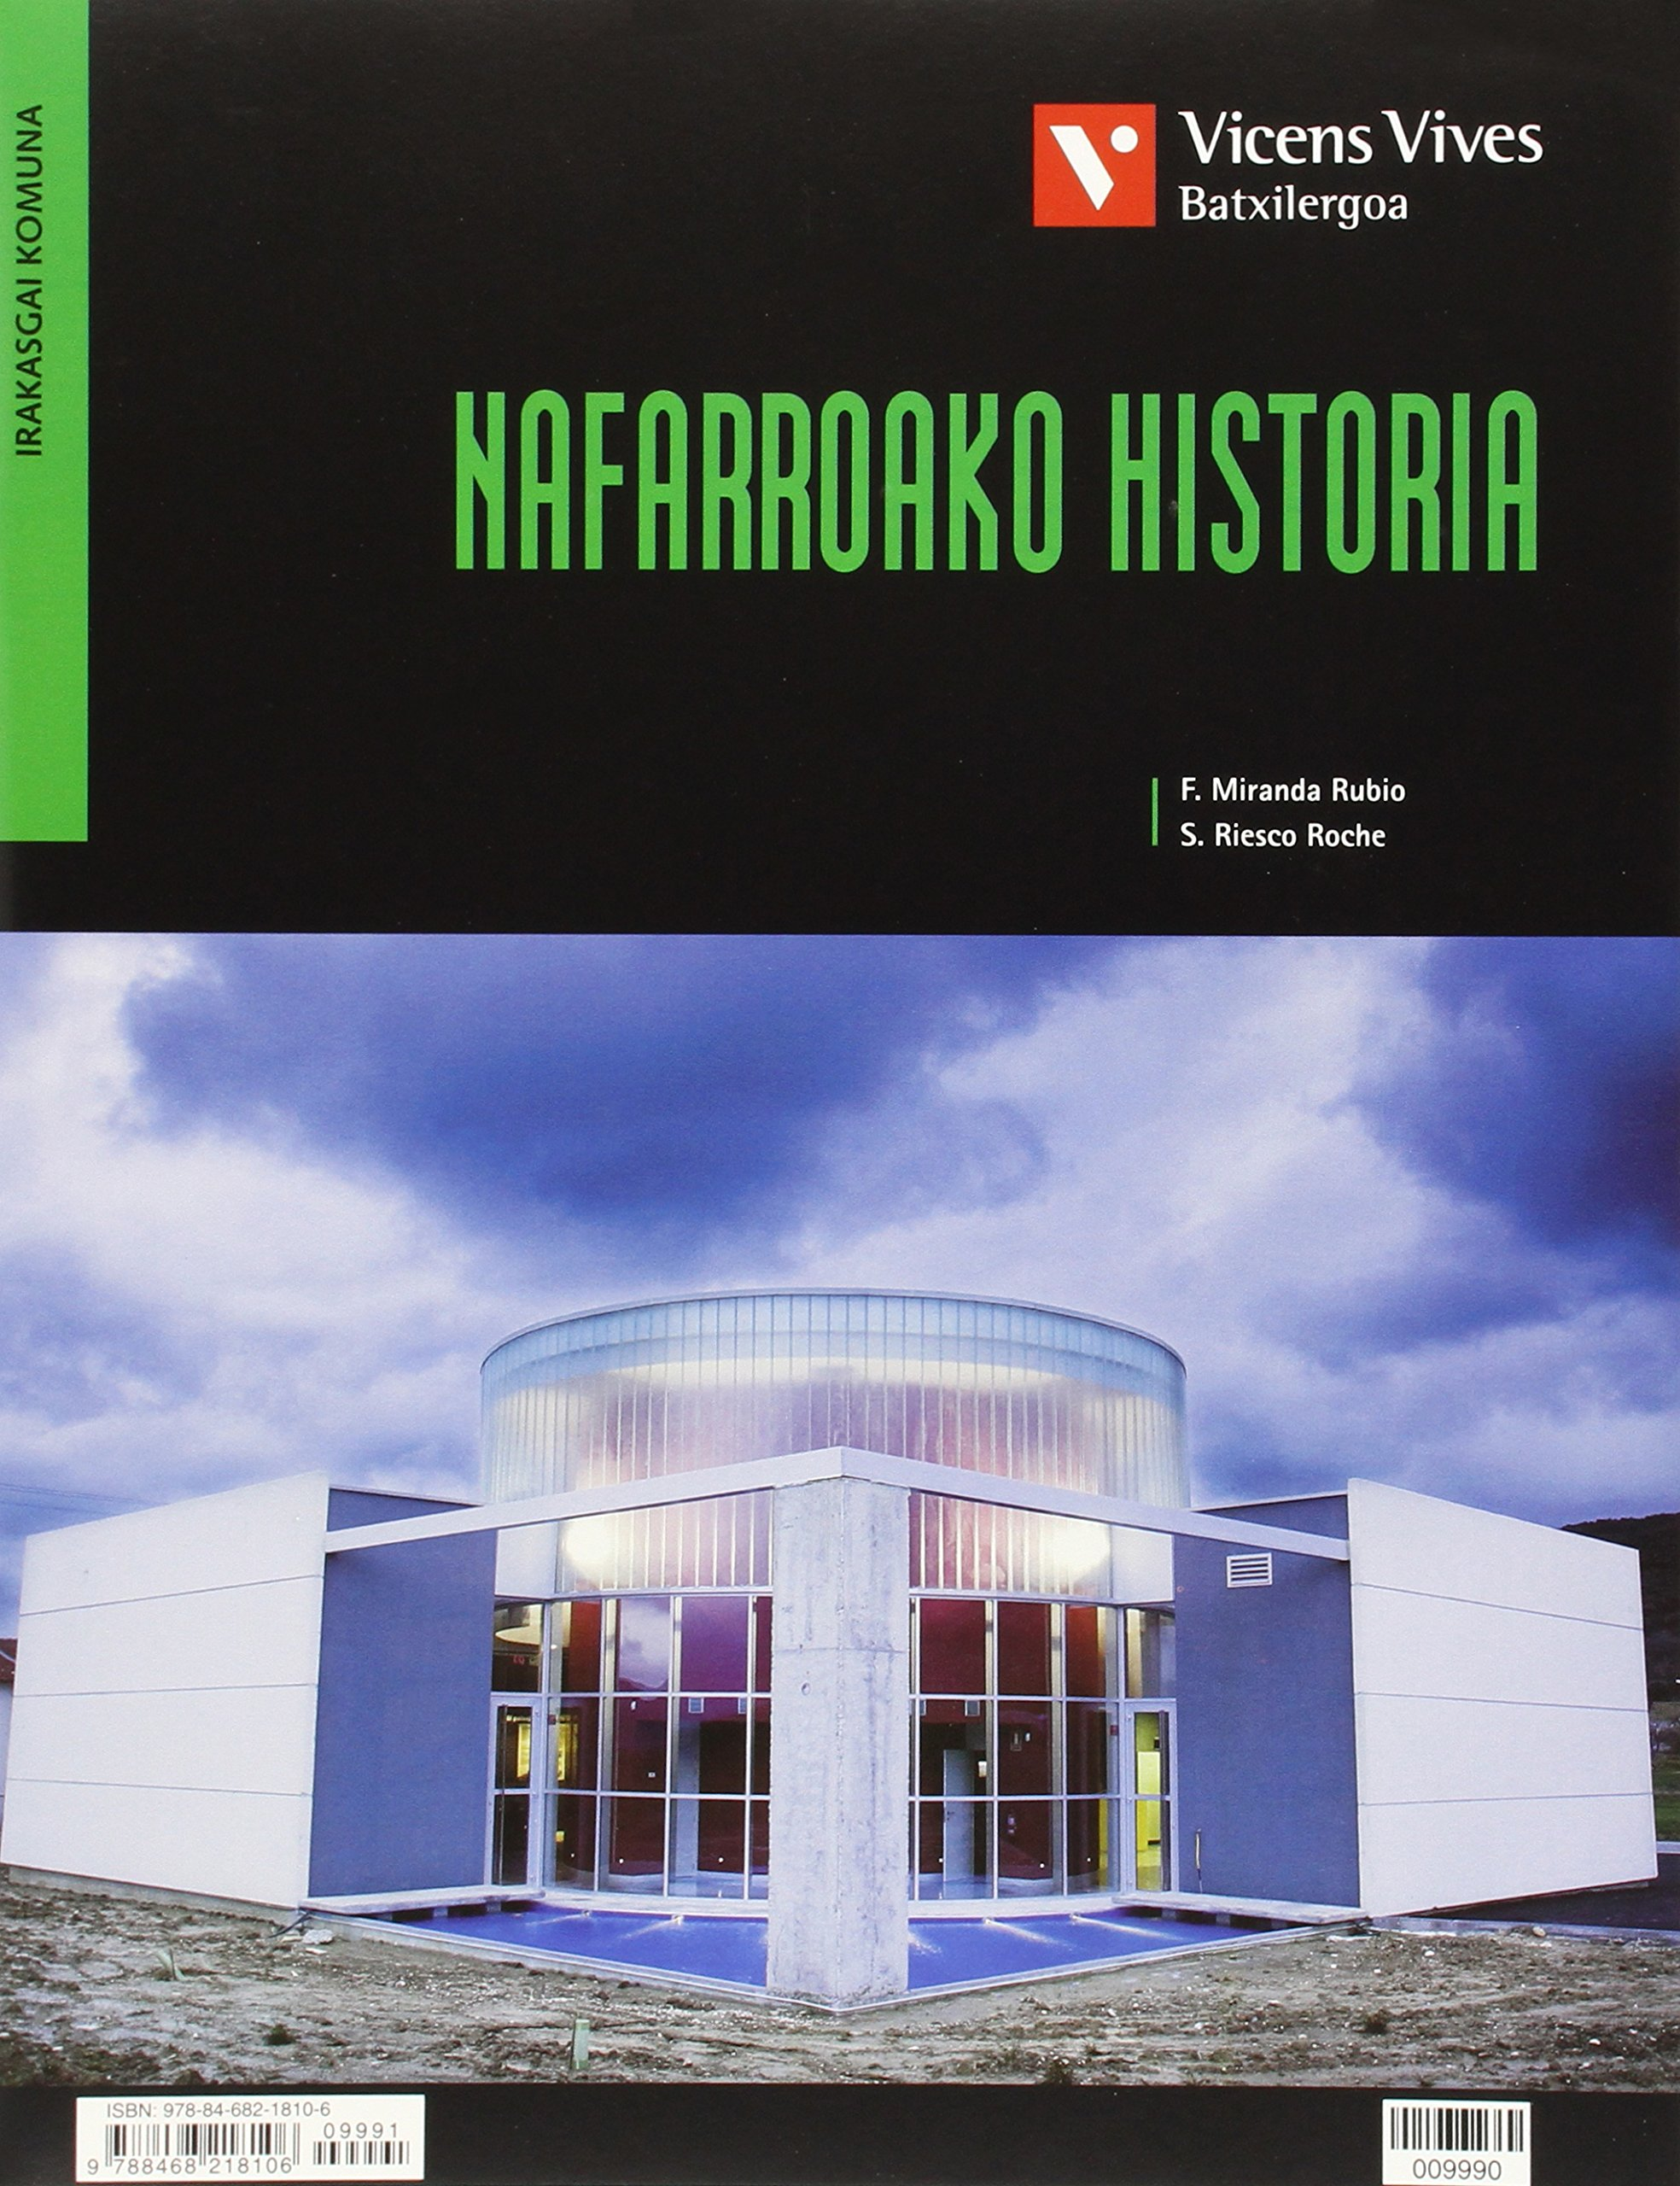 Nafarroako Historia hª España Euskera Separata - 9788468218106 ...